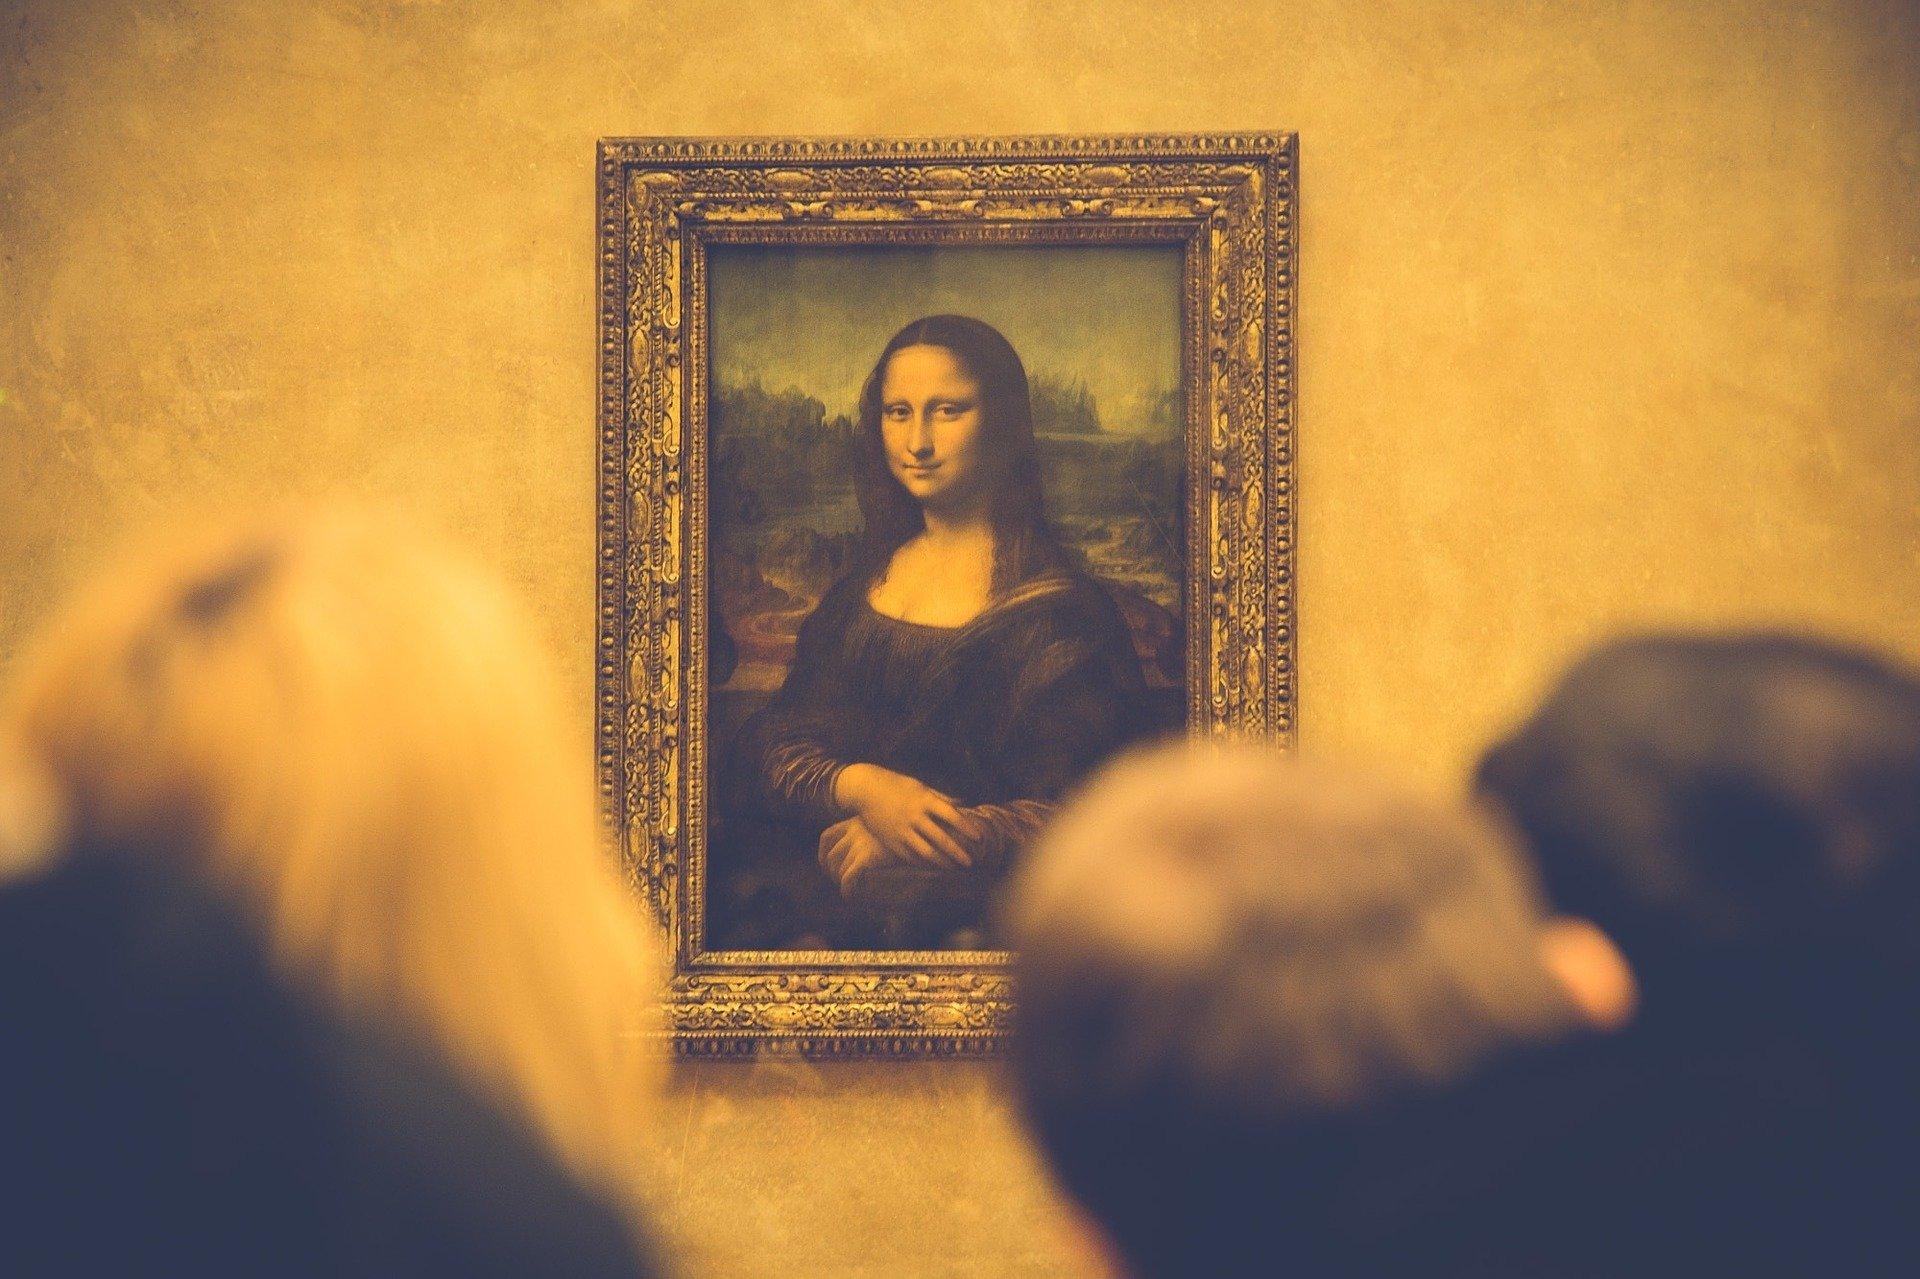 Personas mirando el cuadro de la Mona Lisa de Leonardo Da Vinci